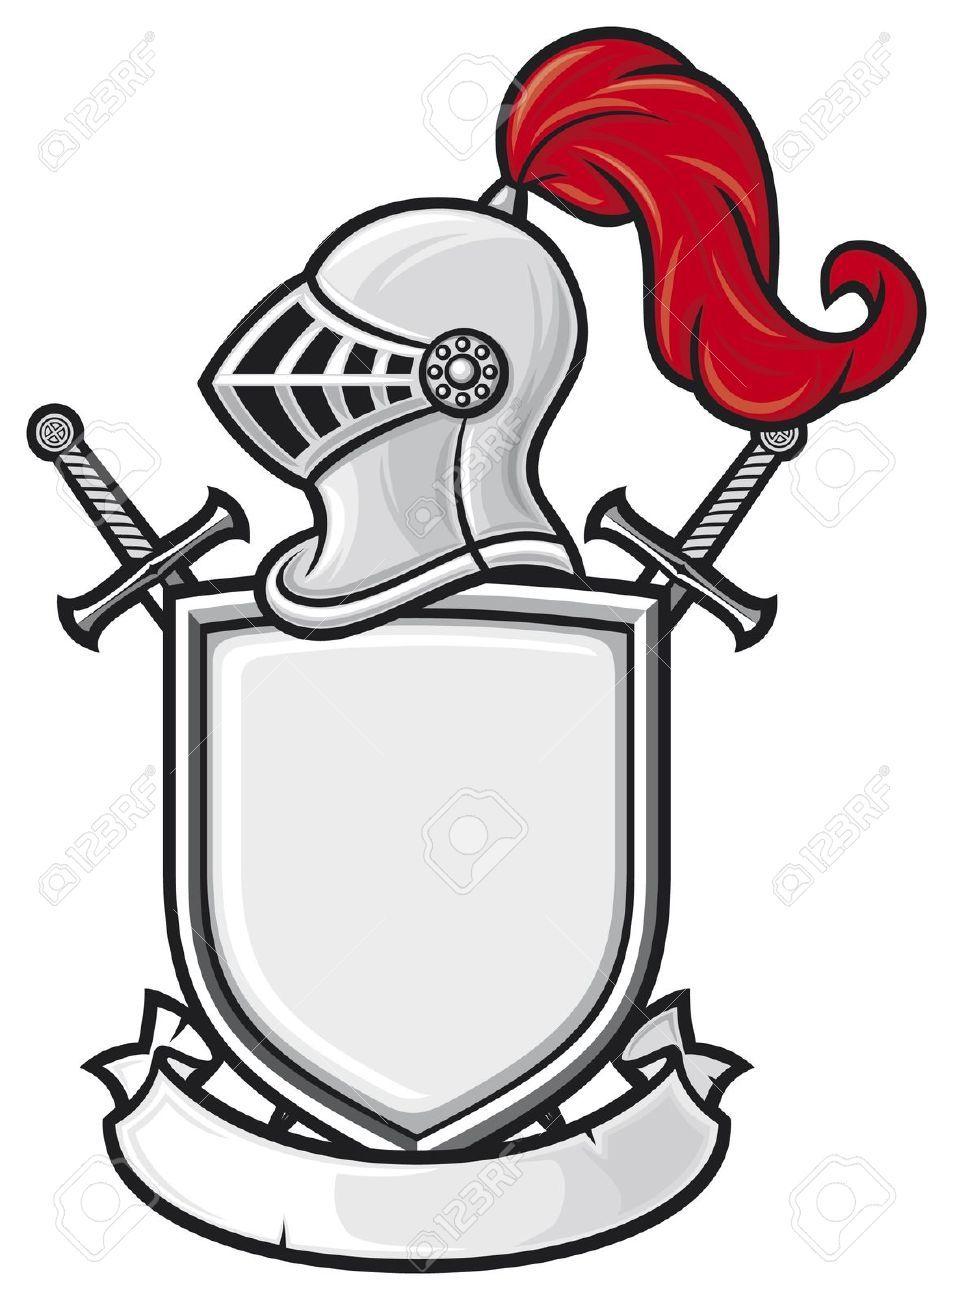 Ausmalbilder Ritter Playmobil : Mittelalterlichen Ritter Helm Schild Gekreuzte Schwerter Und